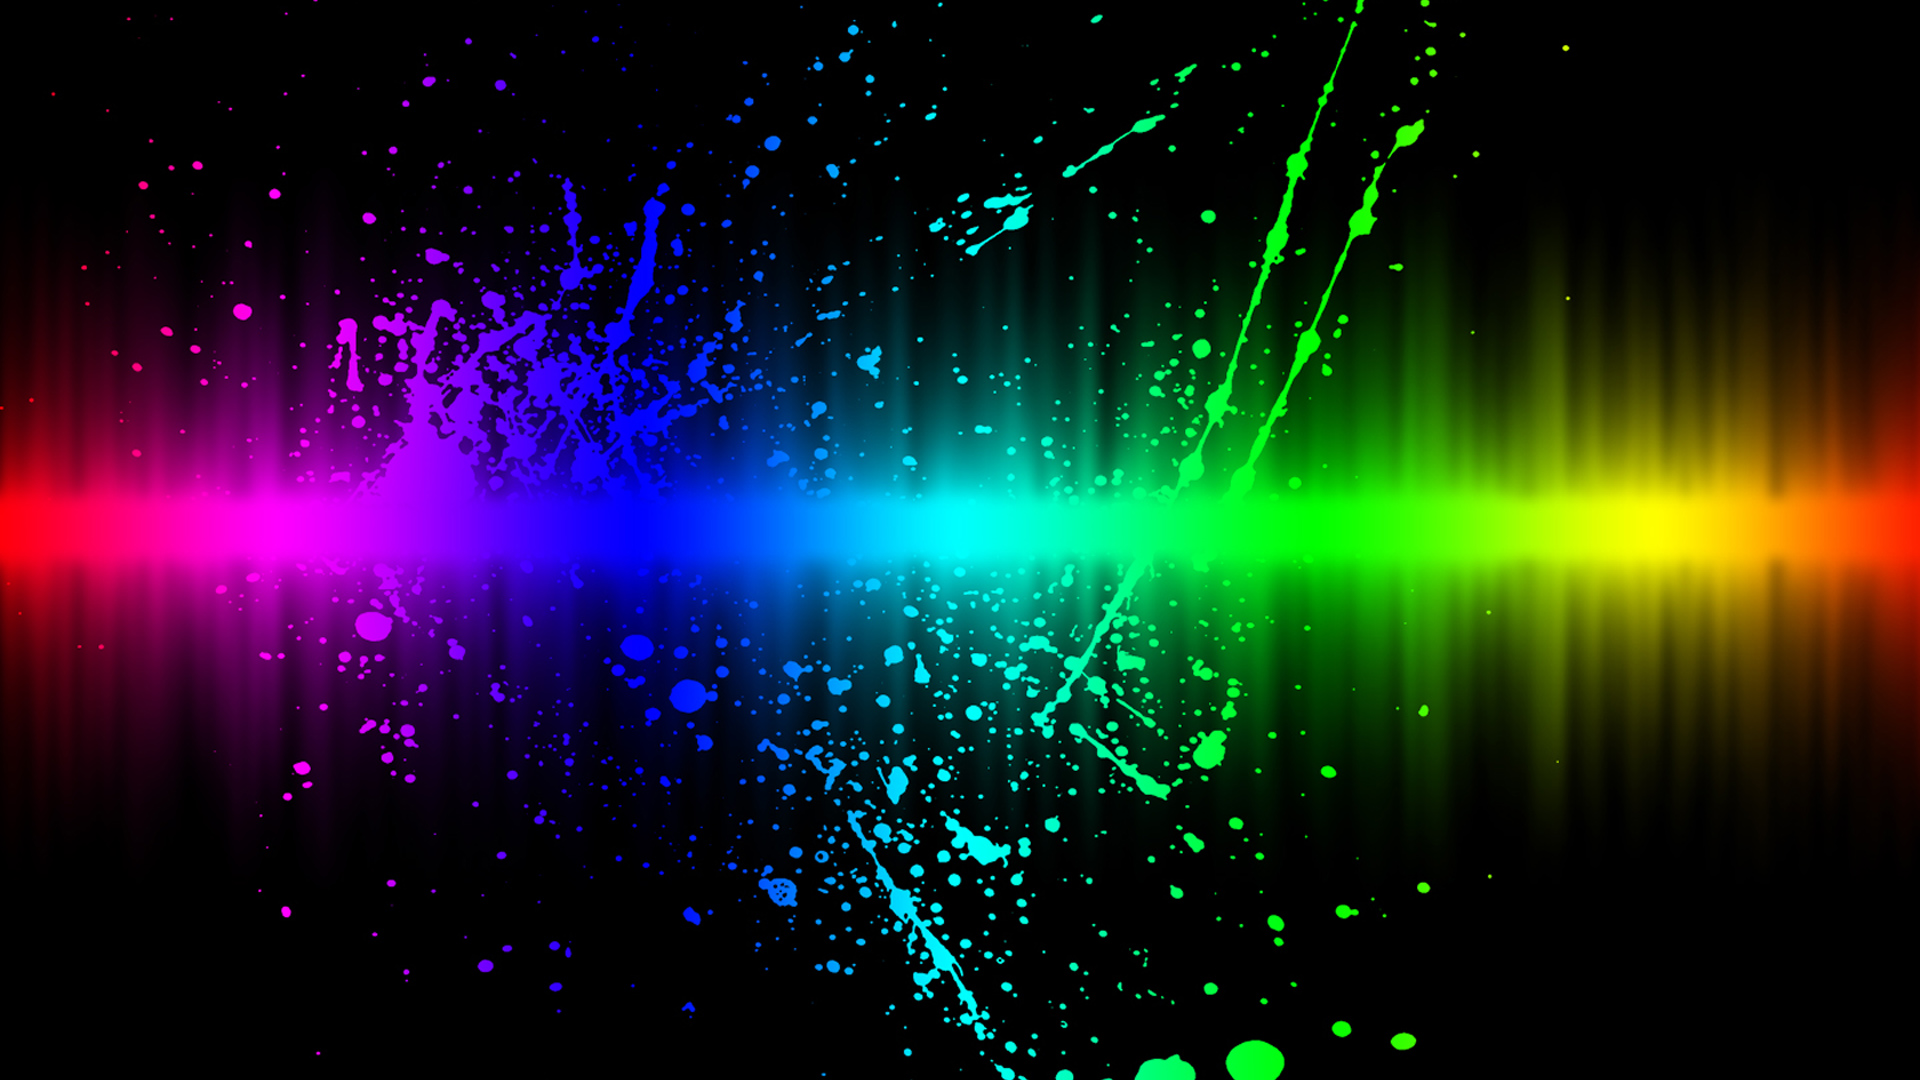 43 Colorful Desktop Backgrounds   Technosamrat 1920x1080